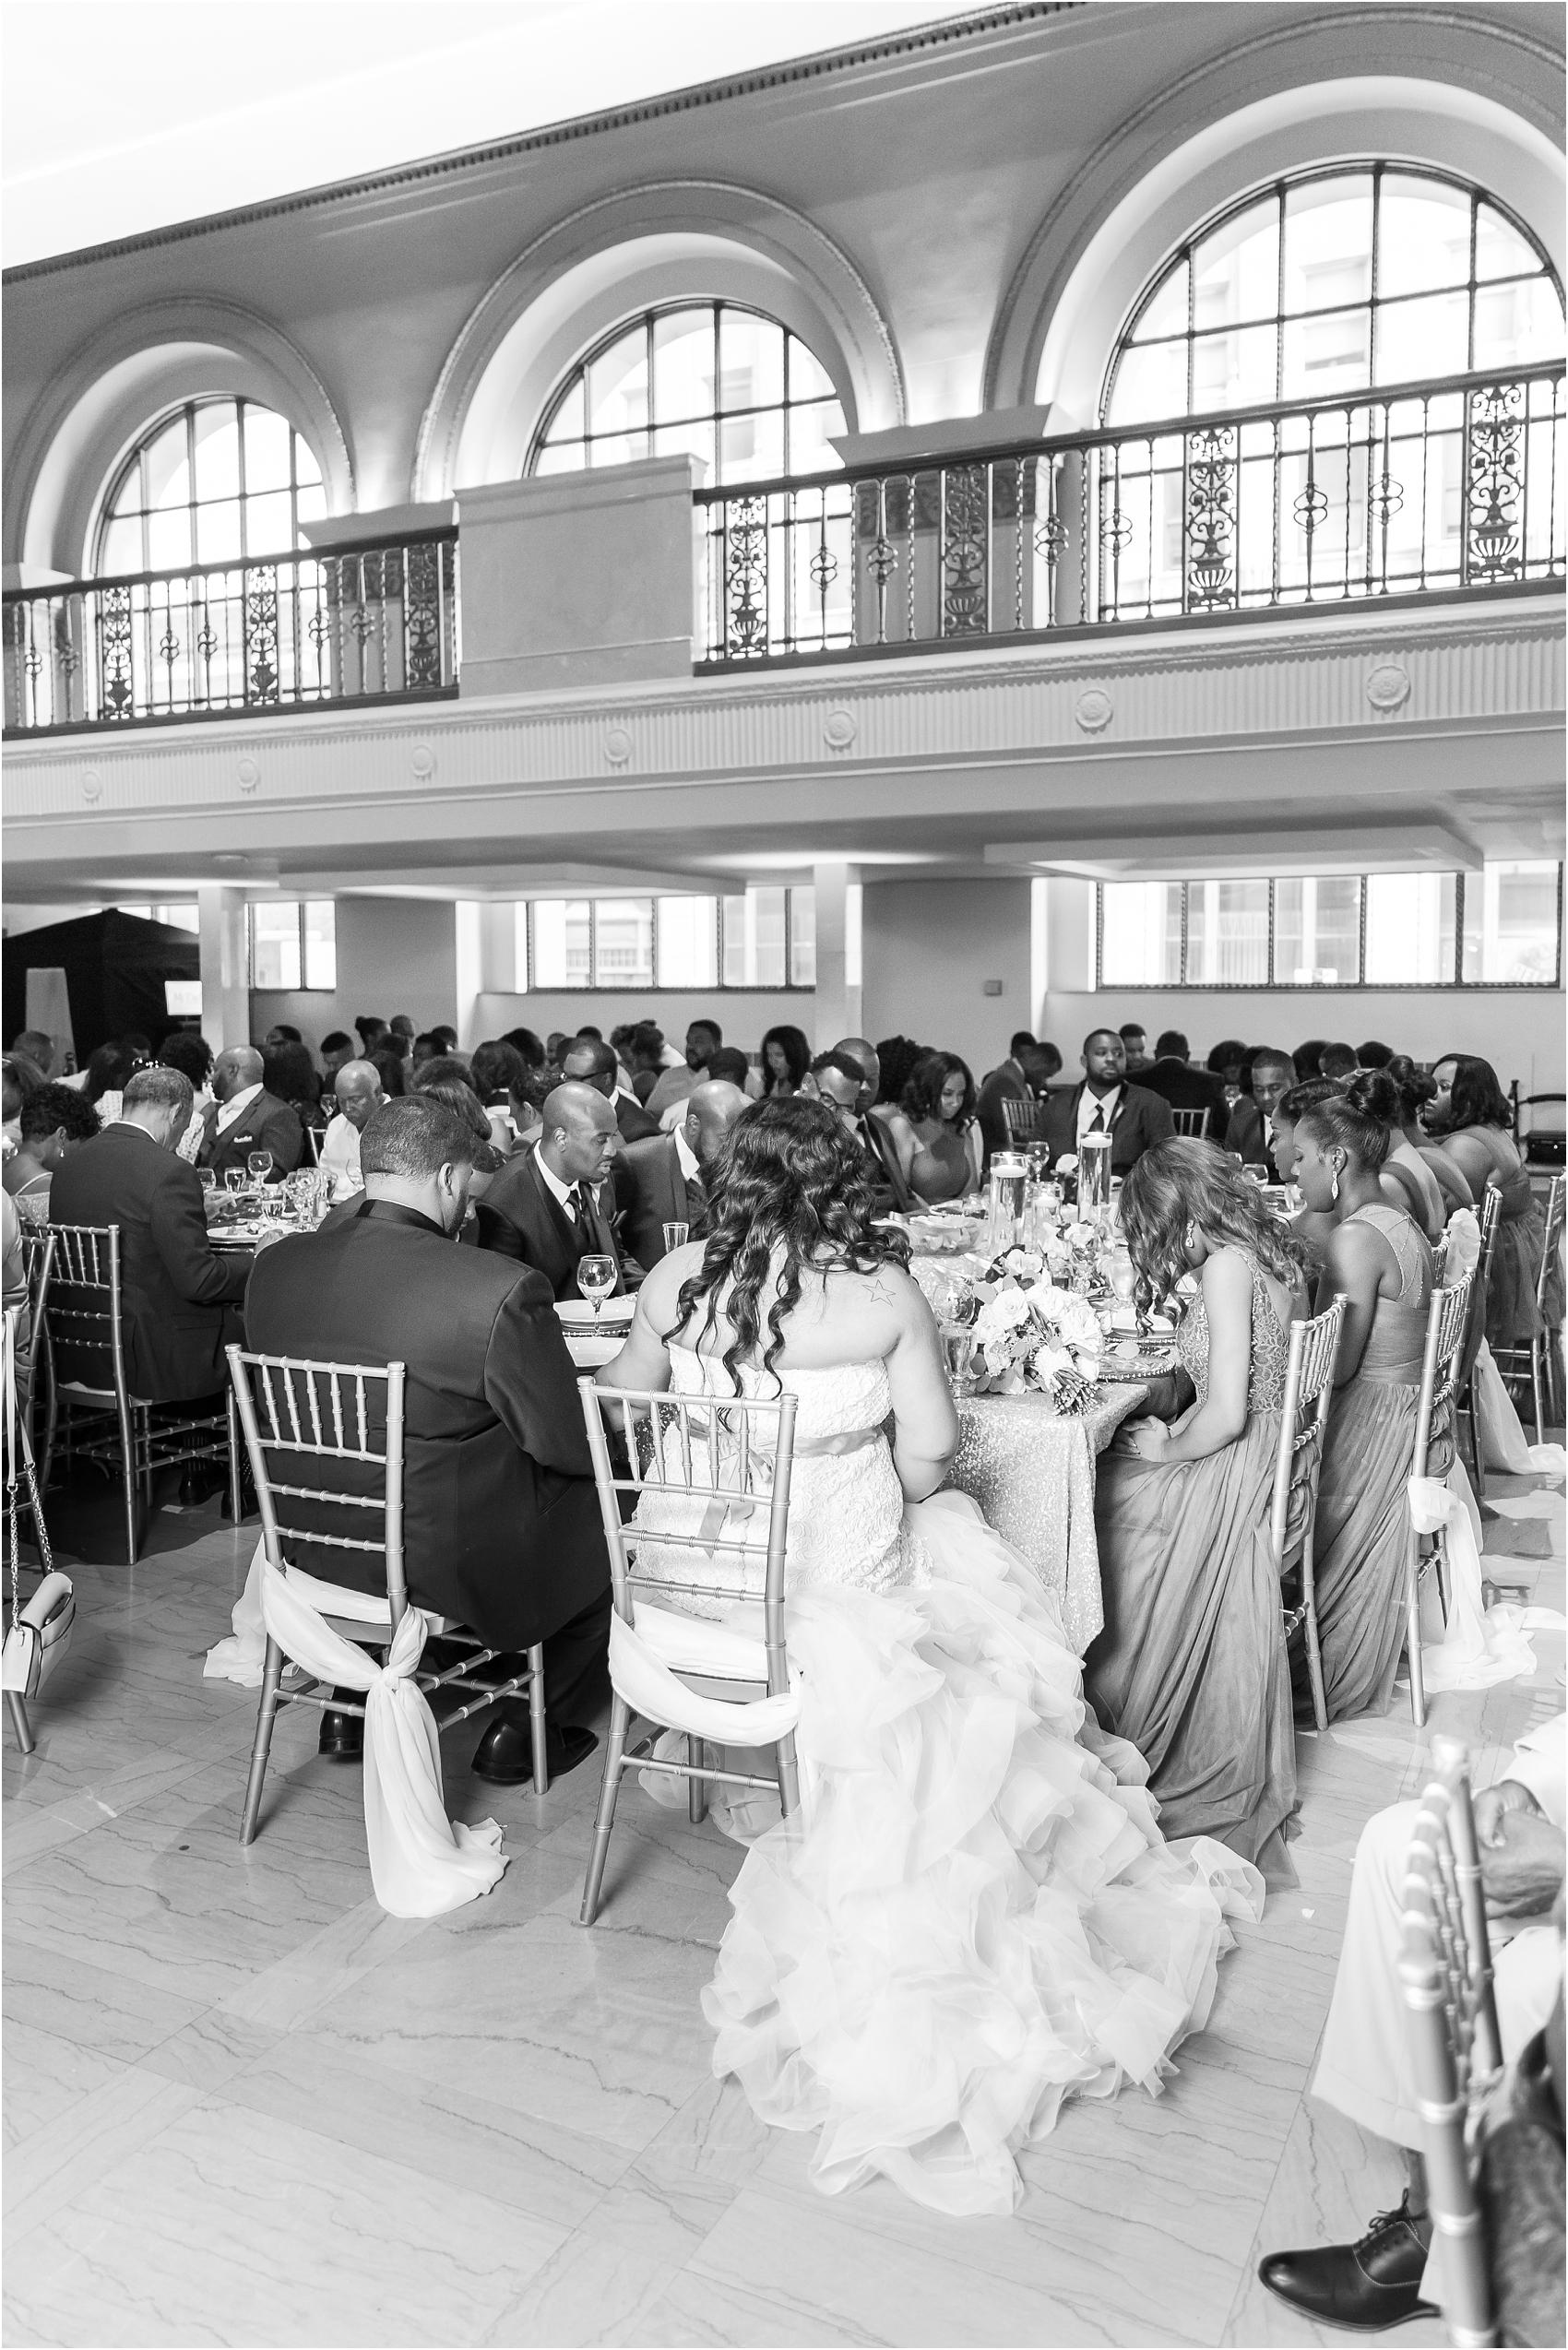 minimalist-and-modern-wedding-photos-at-30-north-saginaw-in-pontiac-michigan-by-courtney-carolyn-photography_0079.jpg